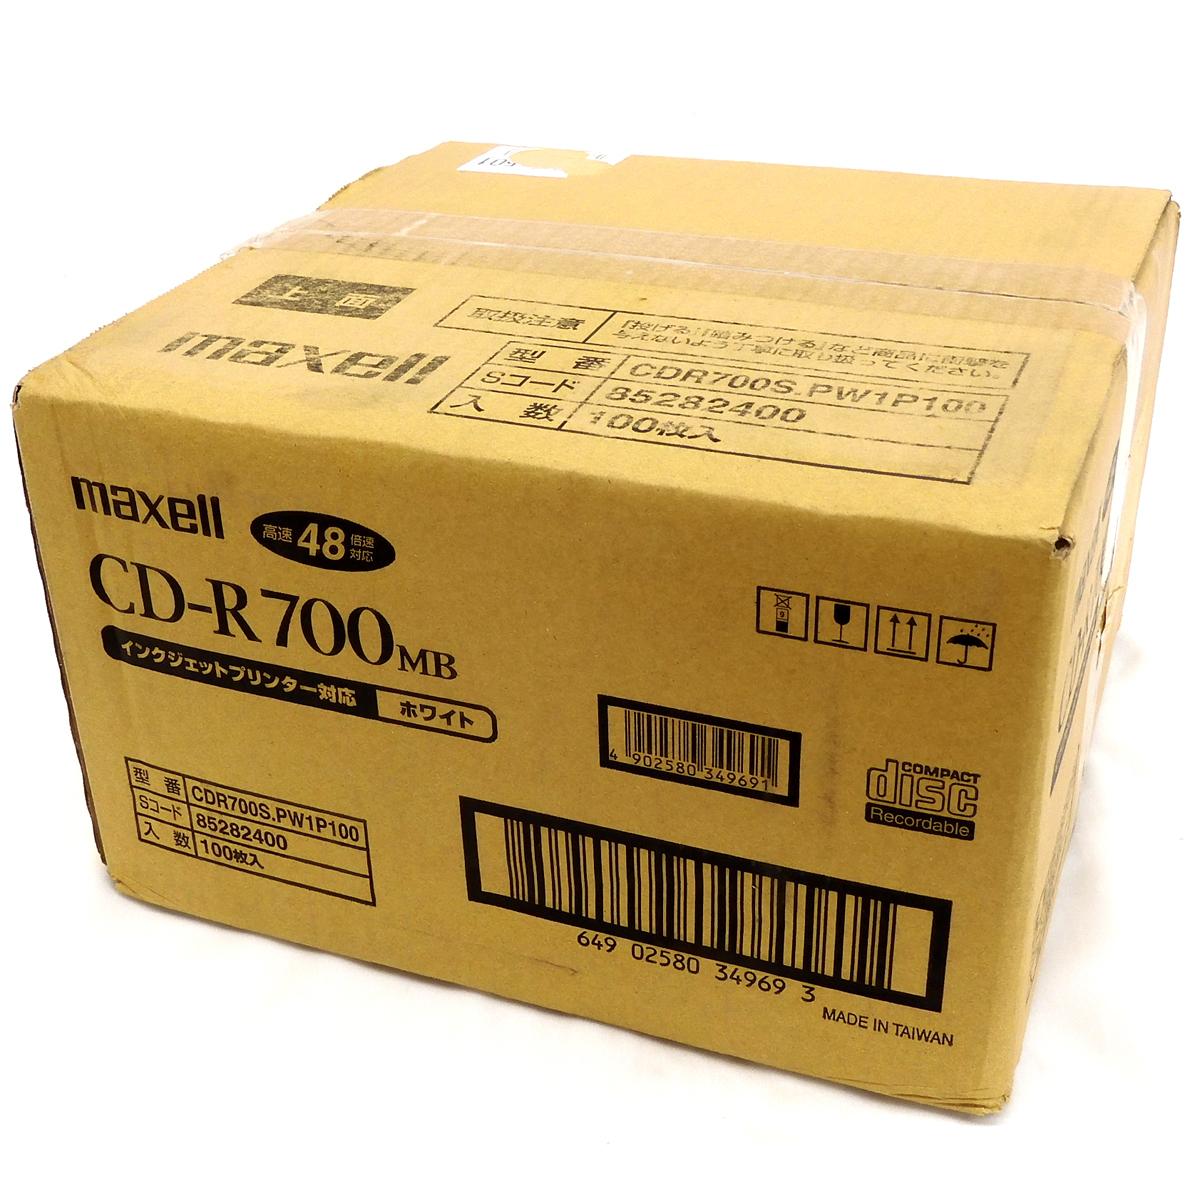 ACB-B3I119 MAXELL マクセル CD-R700MB 100枚 高速48倍対応 インクジェットプリンター対応 ホワイト CDR700S.PW1P100 データ保管 未使用品